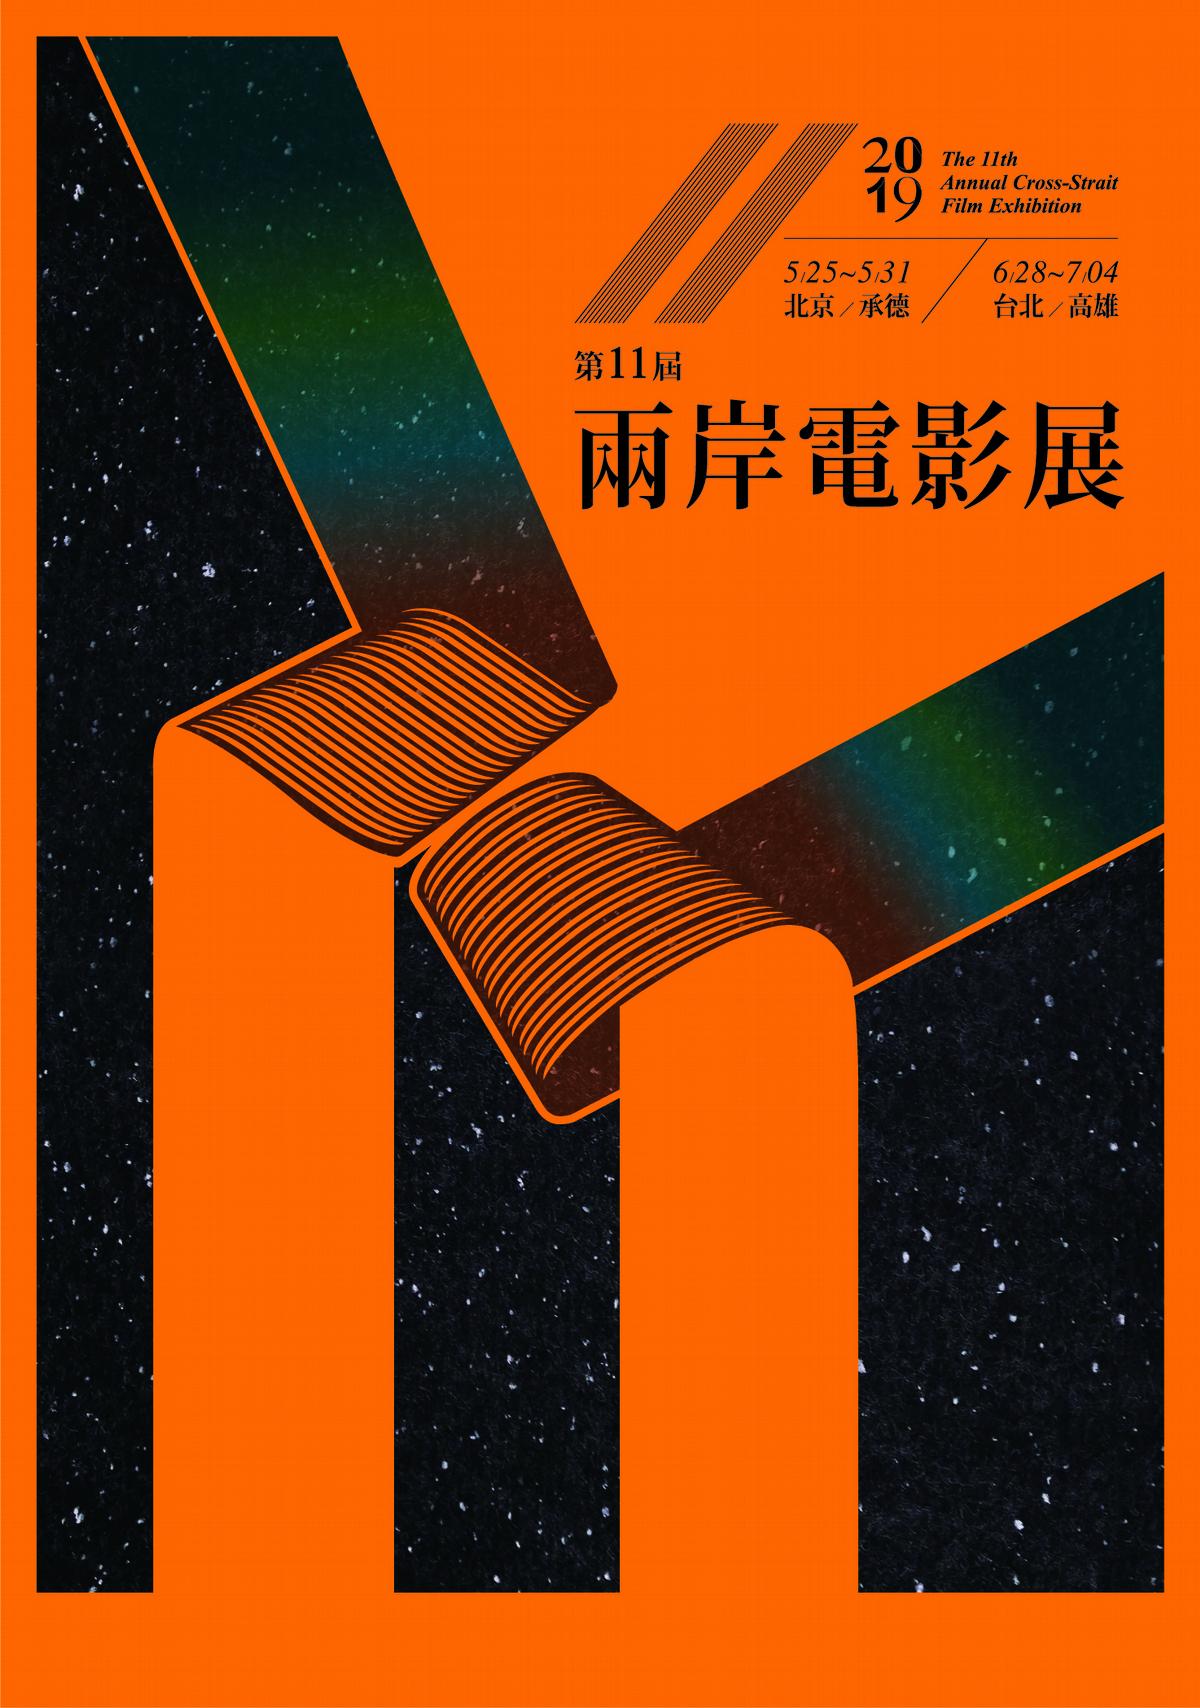 3男神齊聚兩岸電影展! 吳慷仁、林哲熹《狂徒》北京開幕